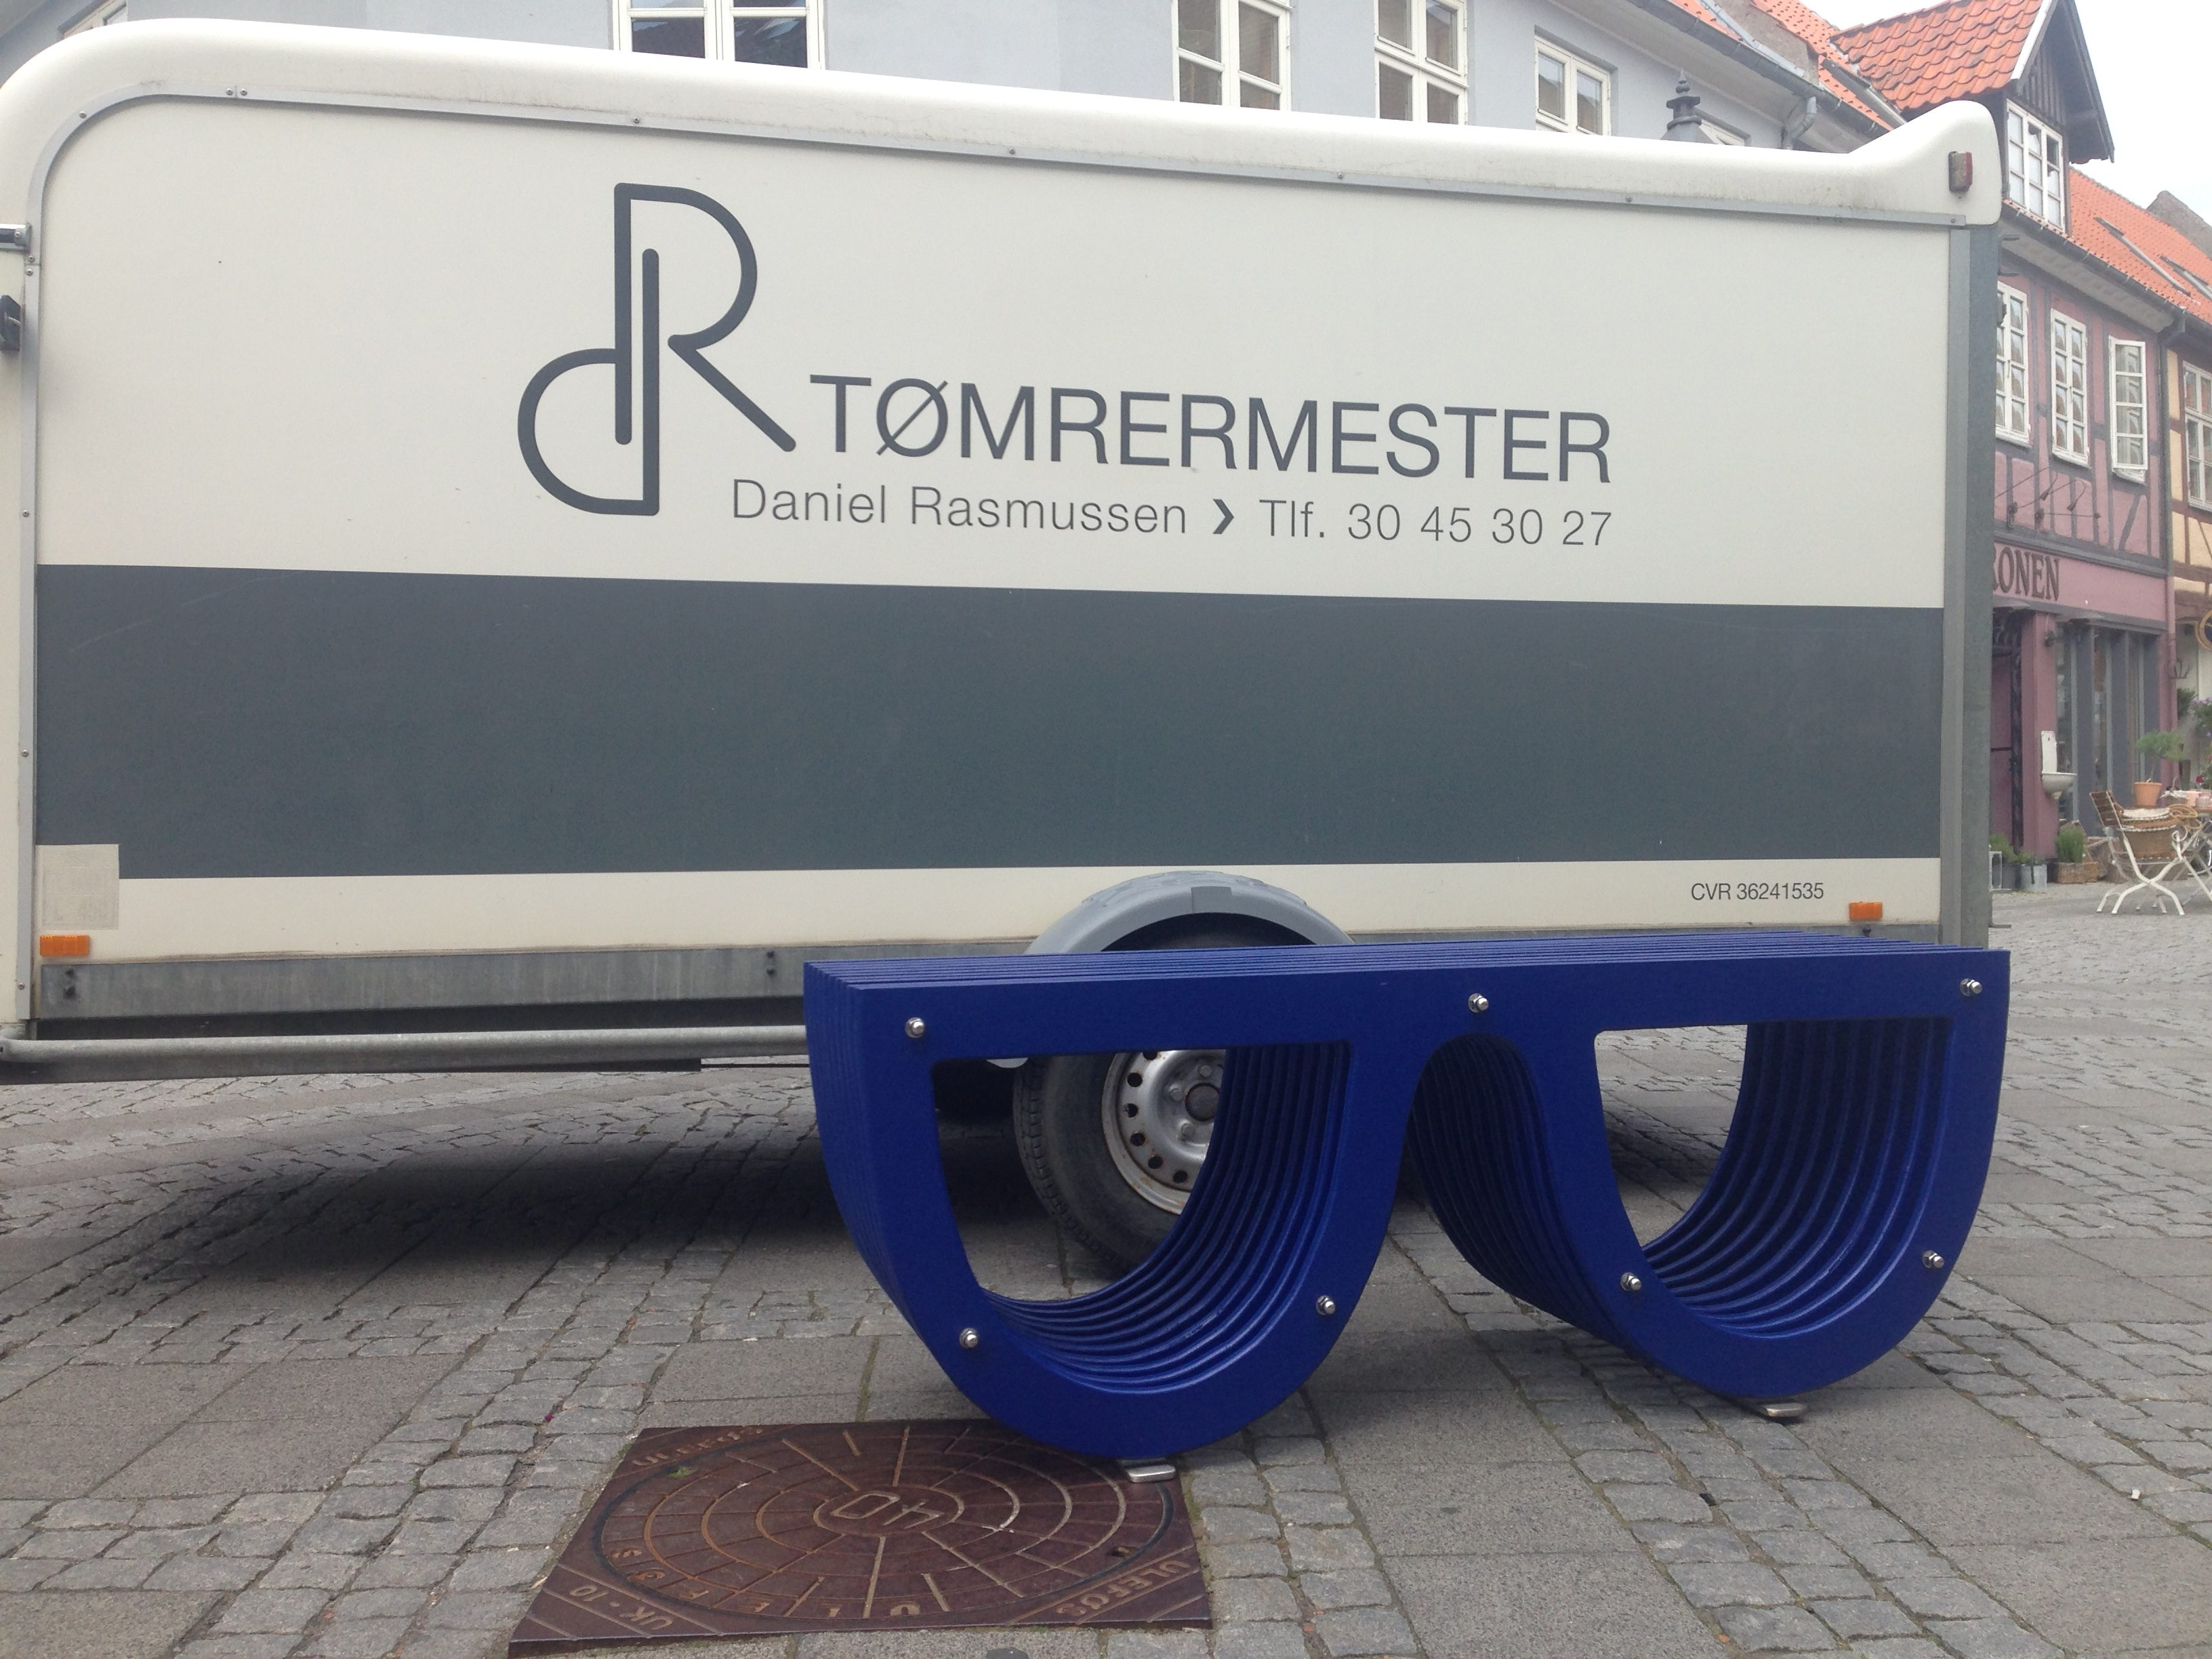 DR Tøemrermester Snedkeri -brillebænken 4